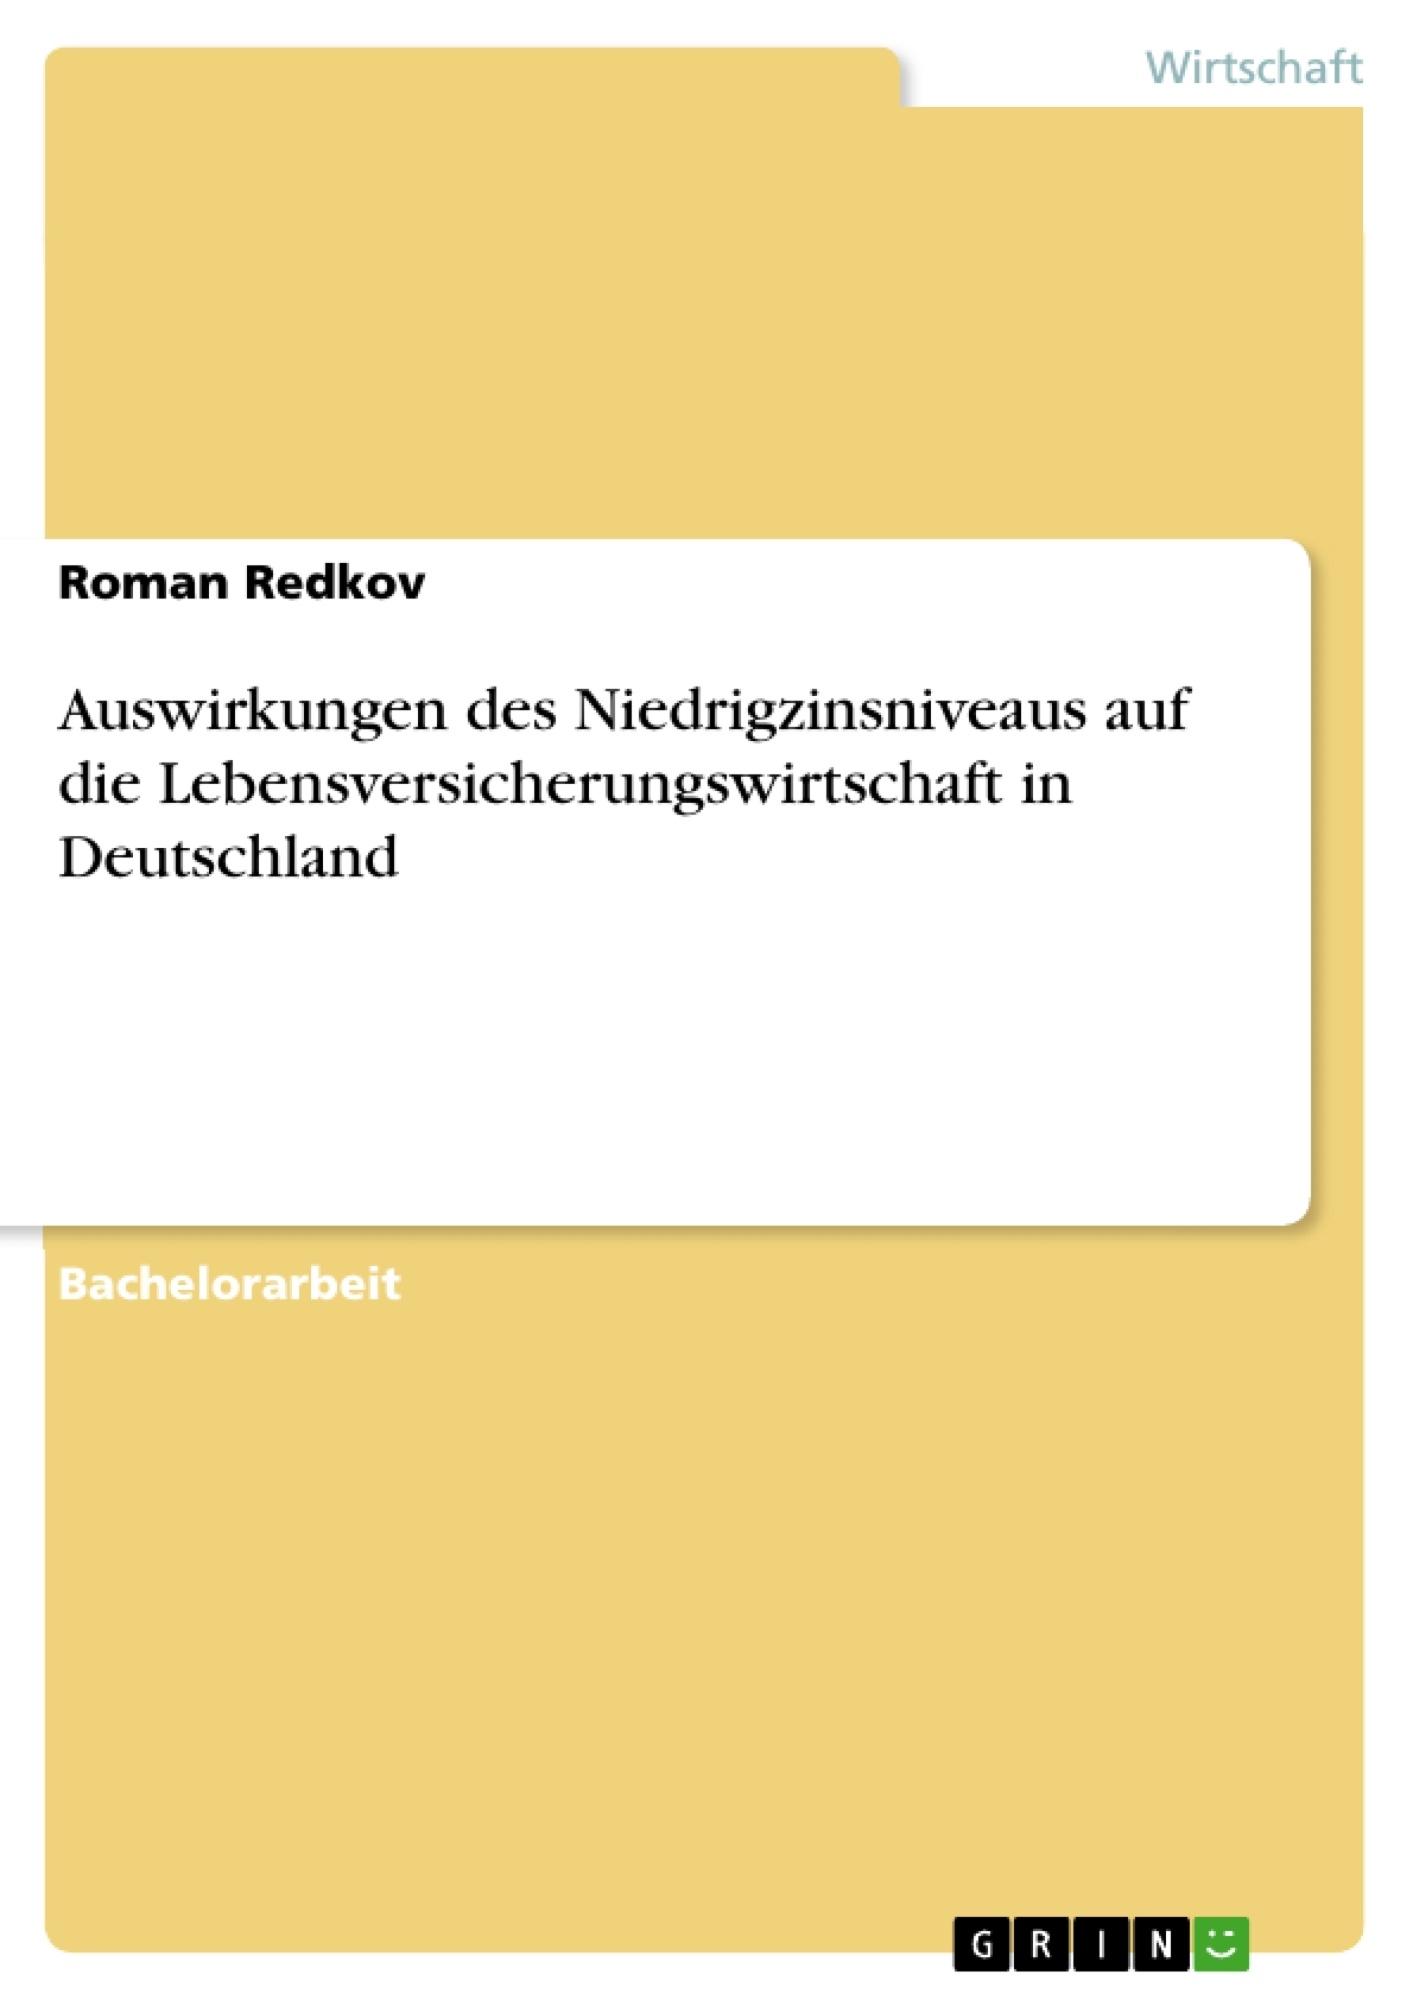 Titel: Auswirkungen des Niedrigzinsniveaus auf die Lebensversicherungswirtschaft in Deutschland